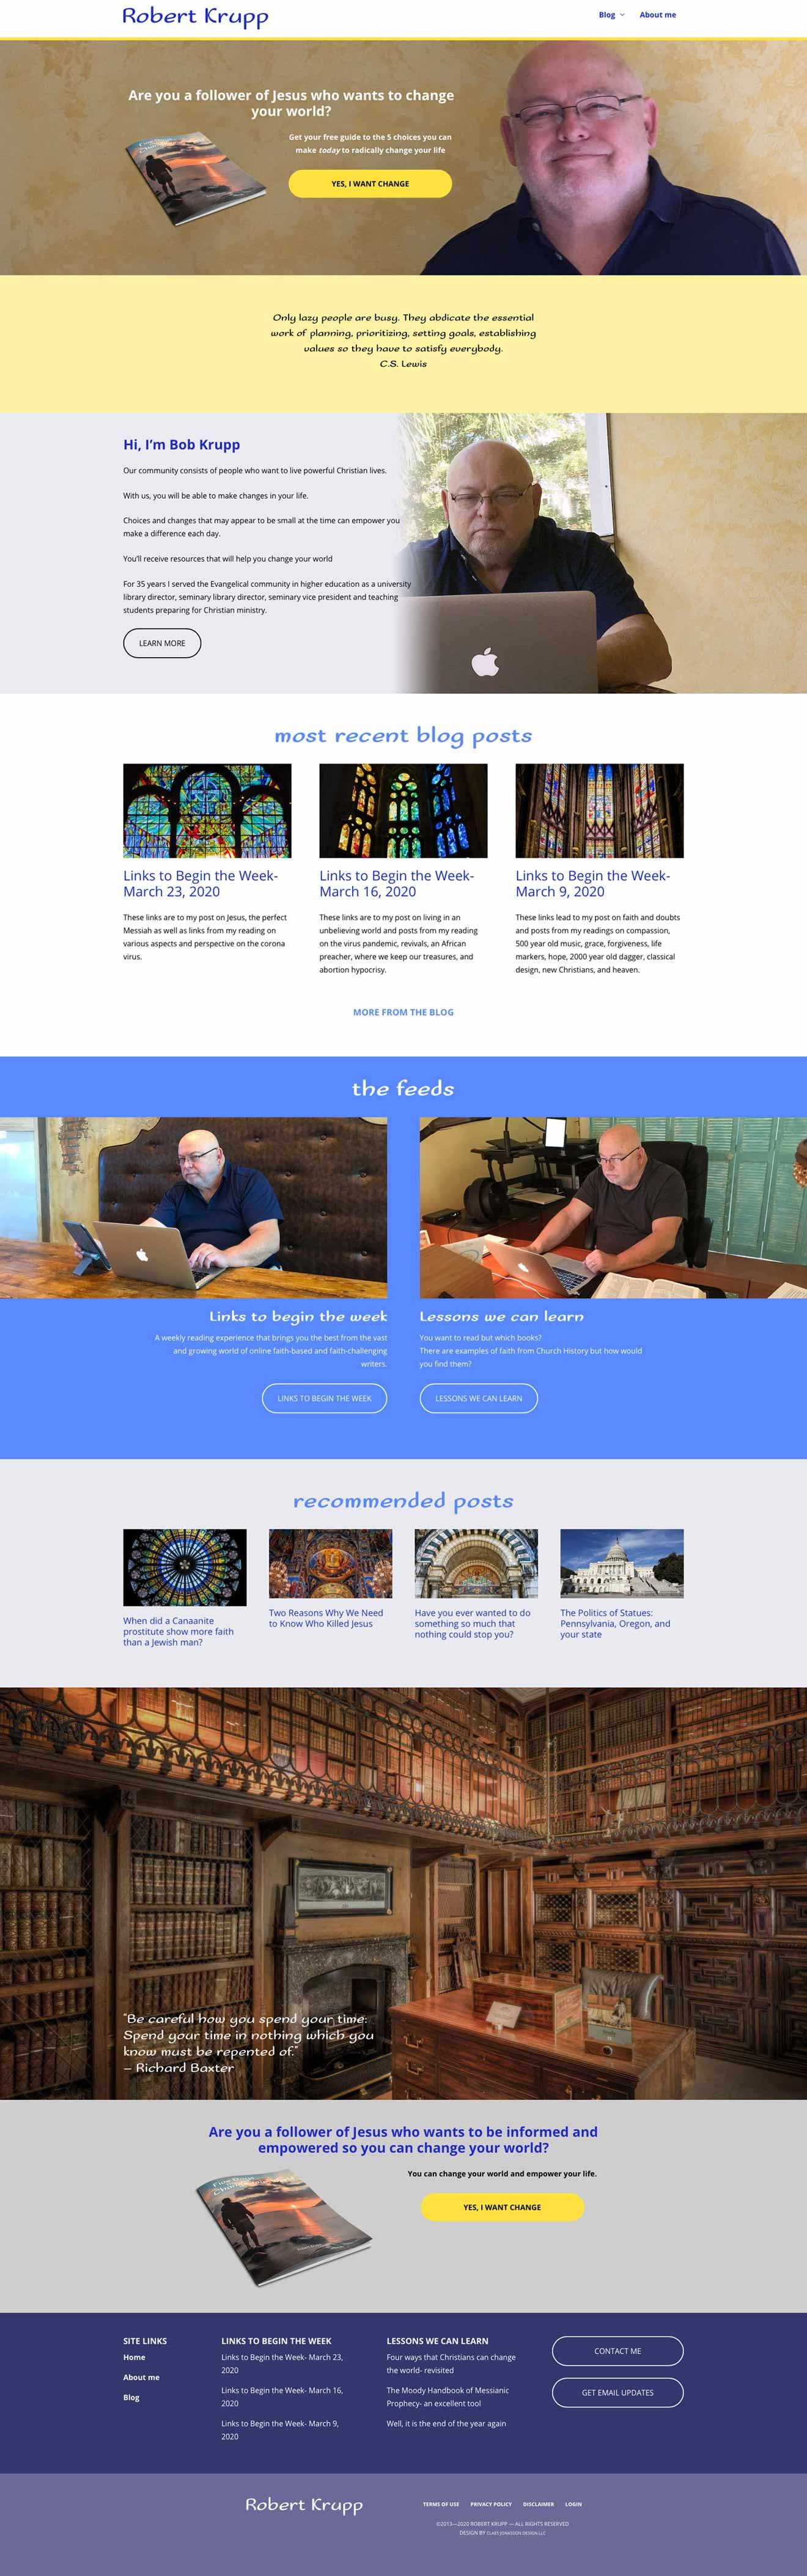 RobertKrupp.com homepage